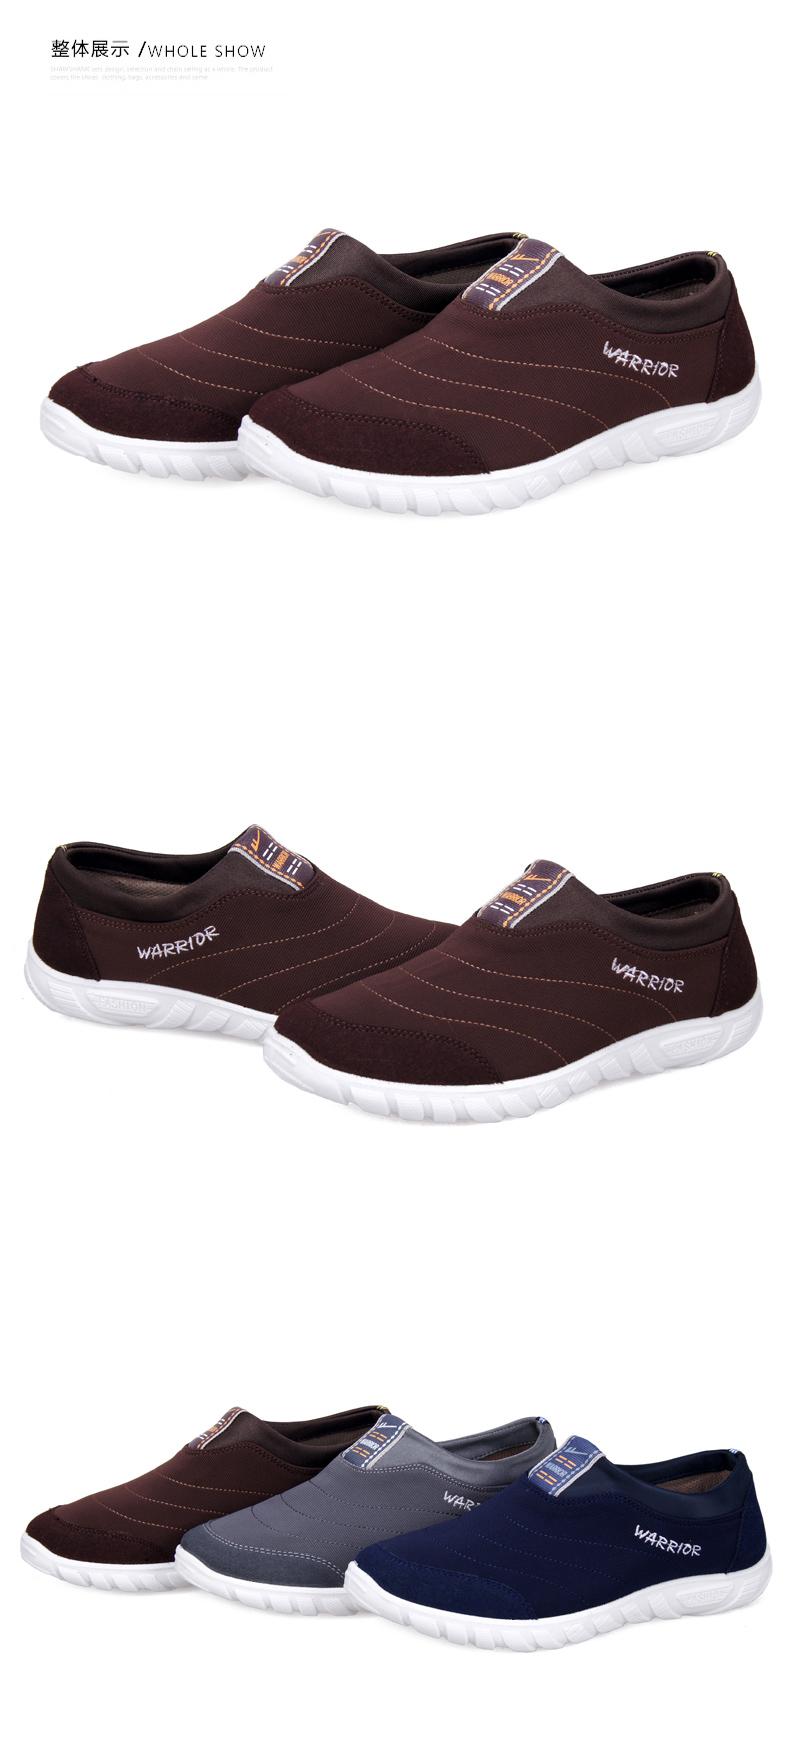 回力男鞋帆布鞋子一脚蹬懒人鞋男士潮流韩版布鞋透气鞋图片二十八